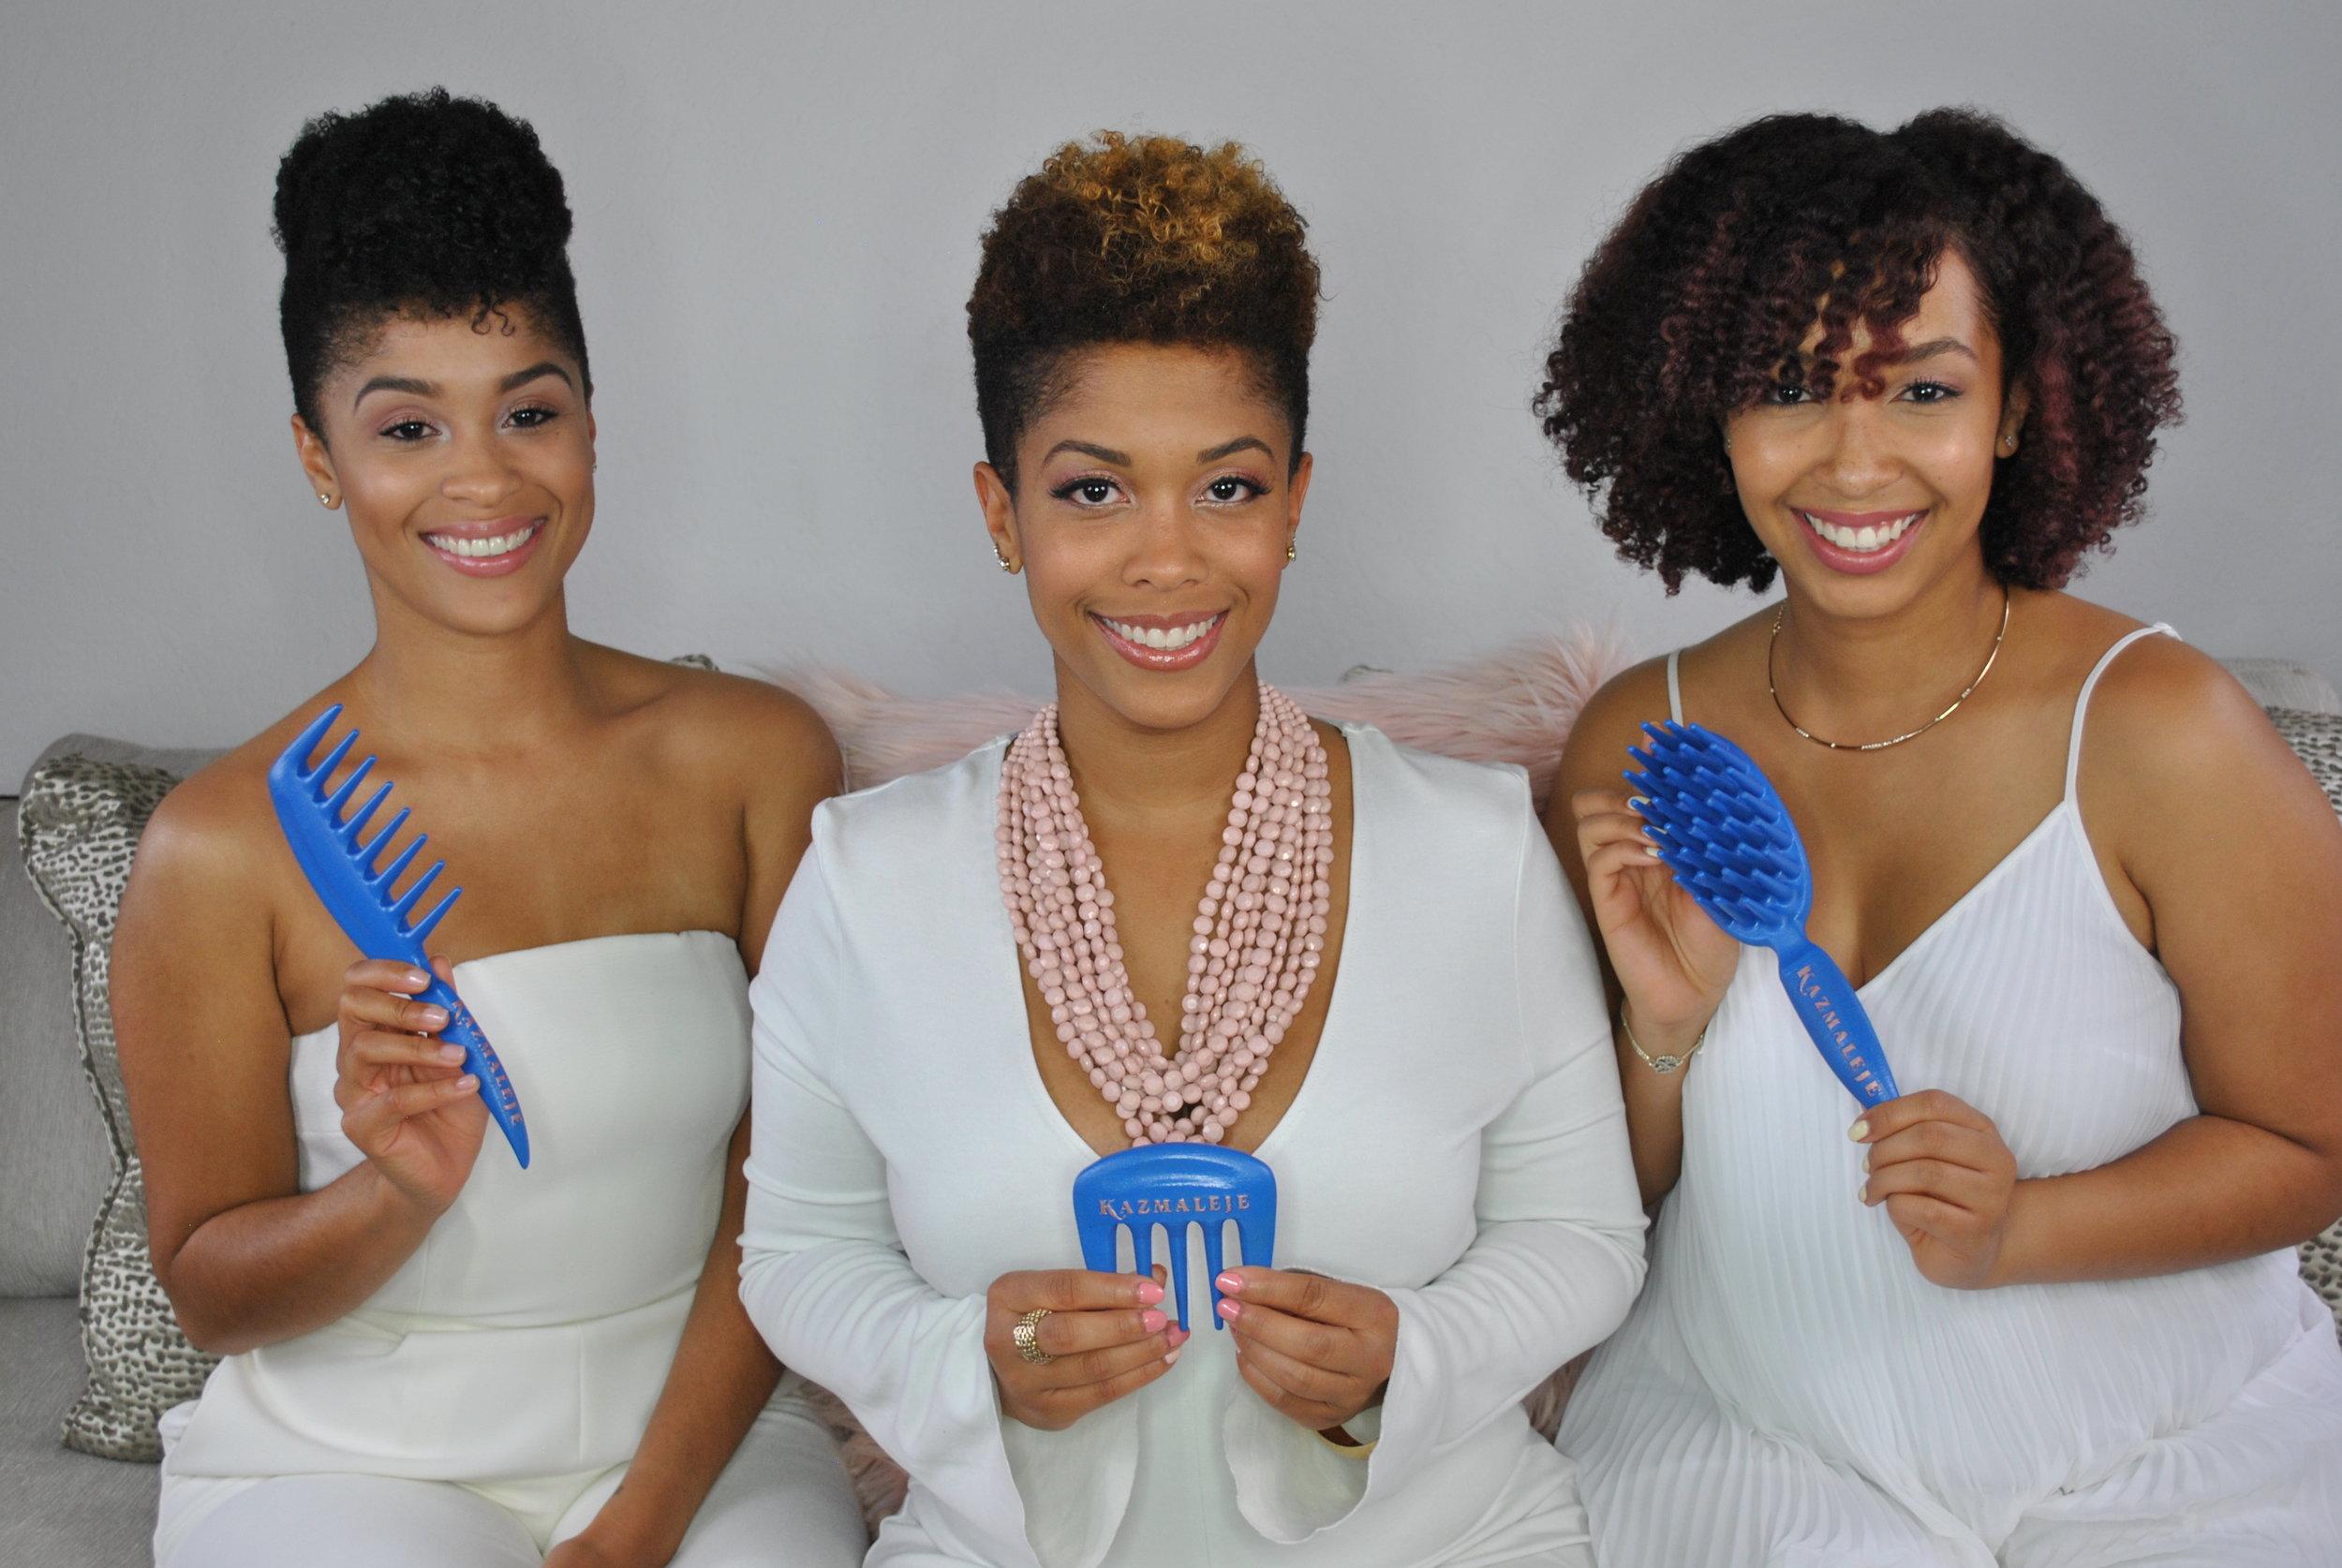 Kazmaleje Sisters hair product comb entrepreneur girlboss werule justyna kedra we rule business.JPG